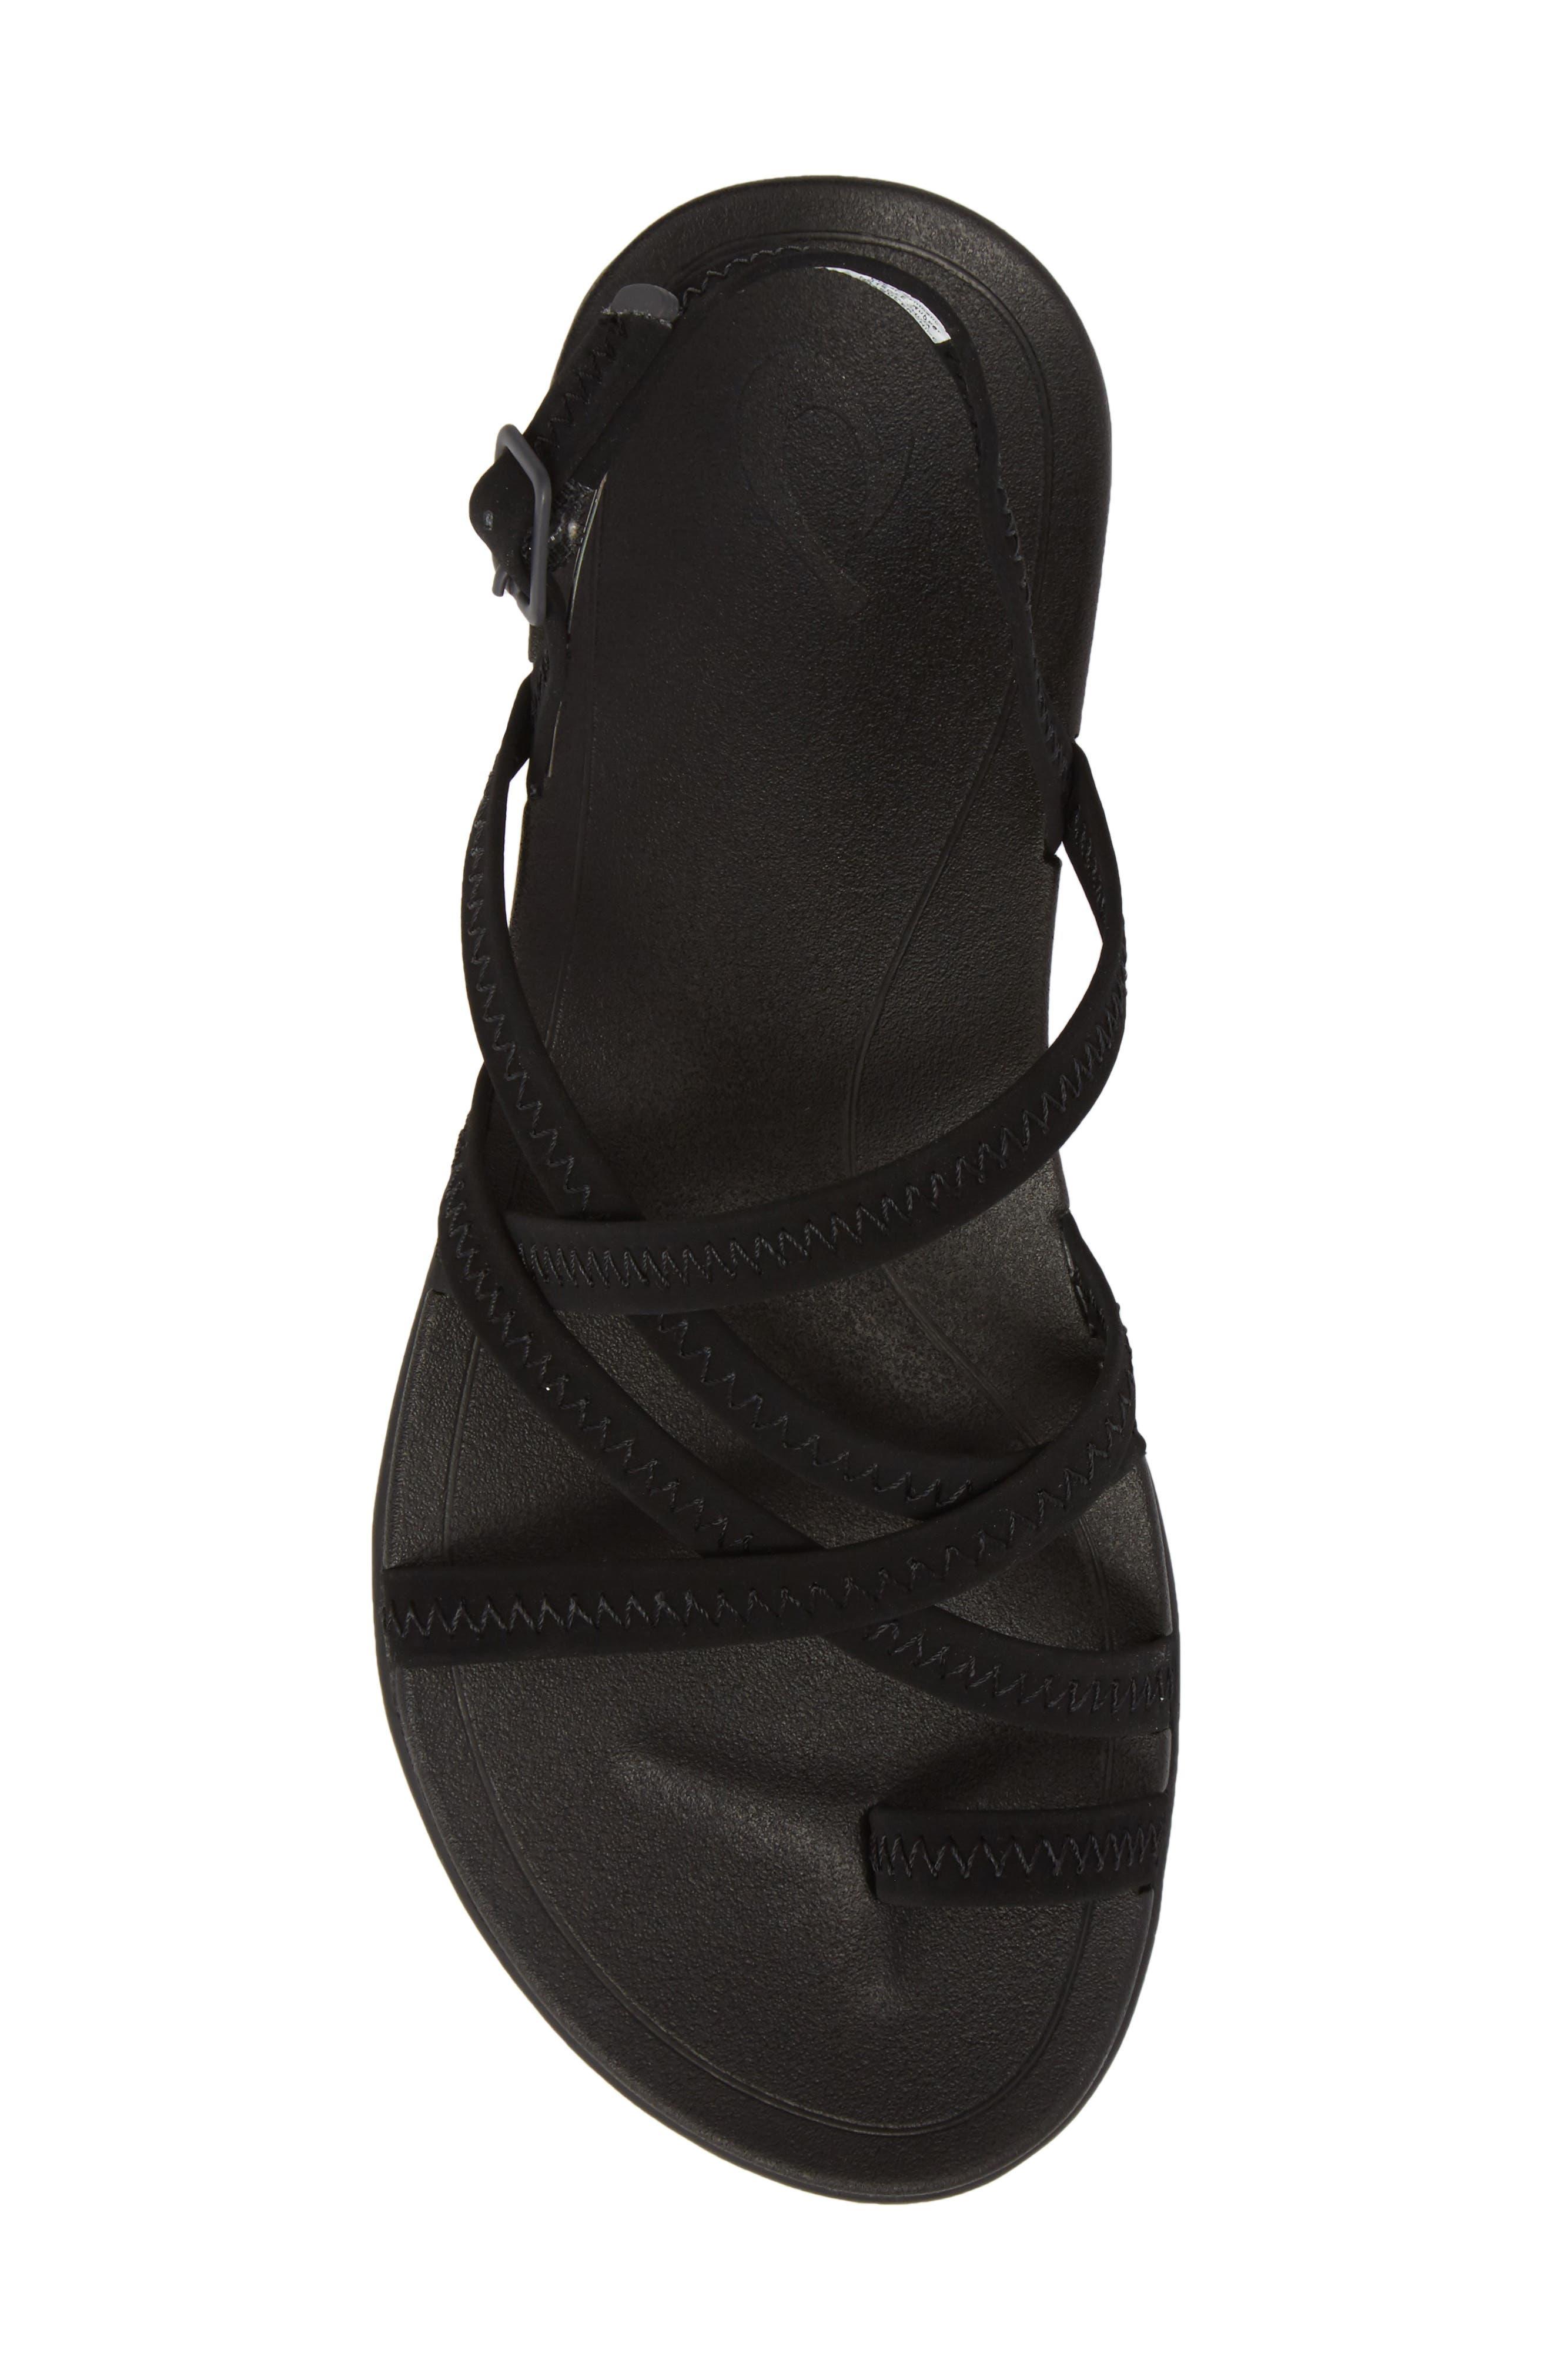 Kalapu Sandal,                             Alternate thumbnail 5, color,                             BLACK/ BLACK FAUX LEATHER